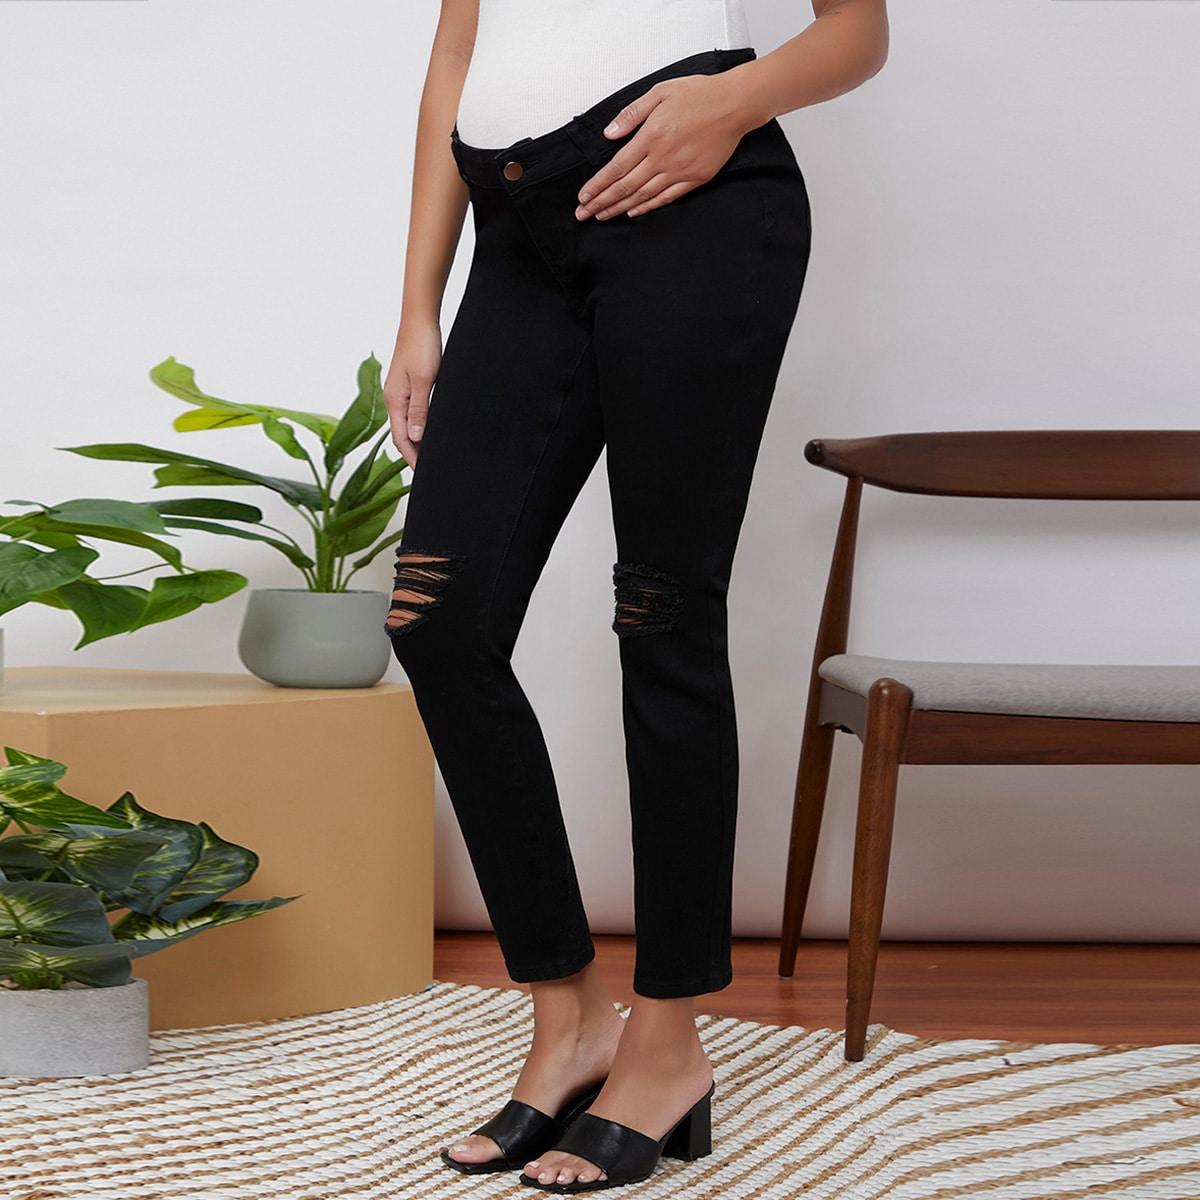 Рваные джинсы с ниженной талией для беременных